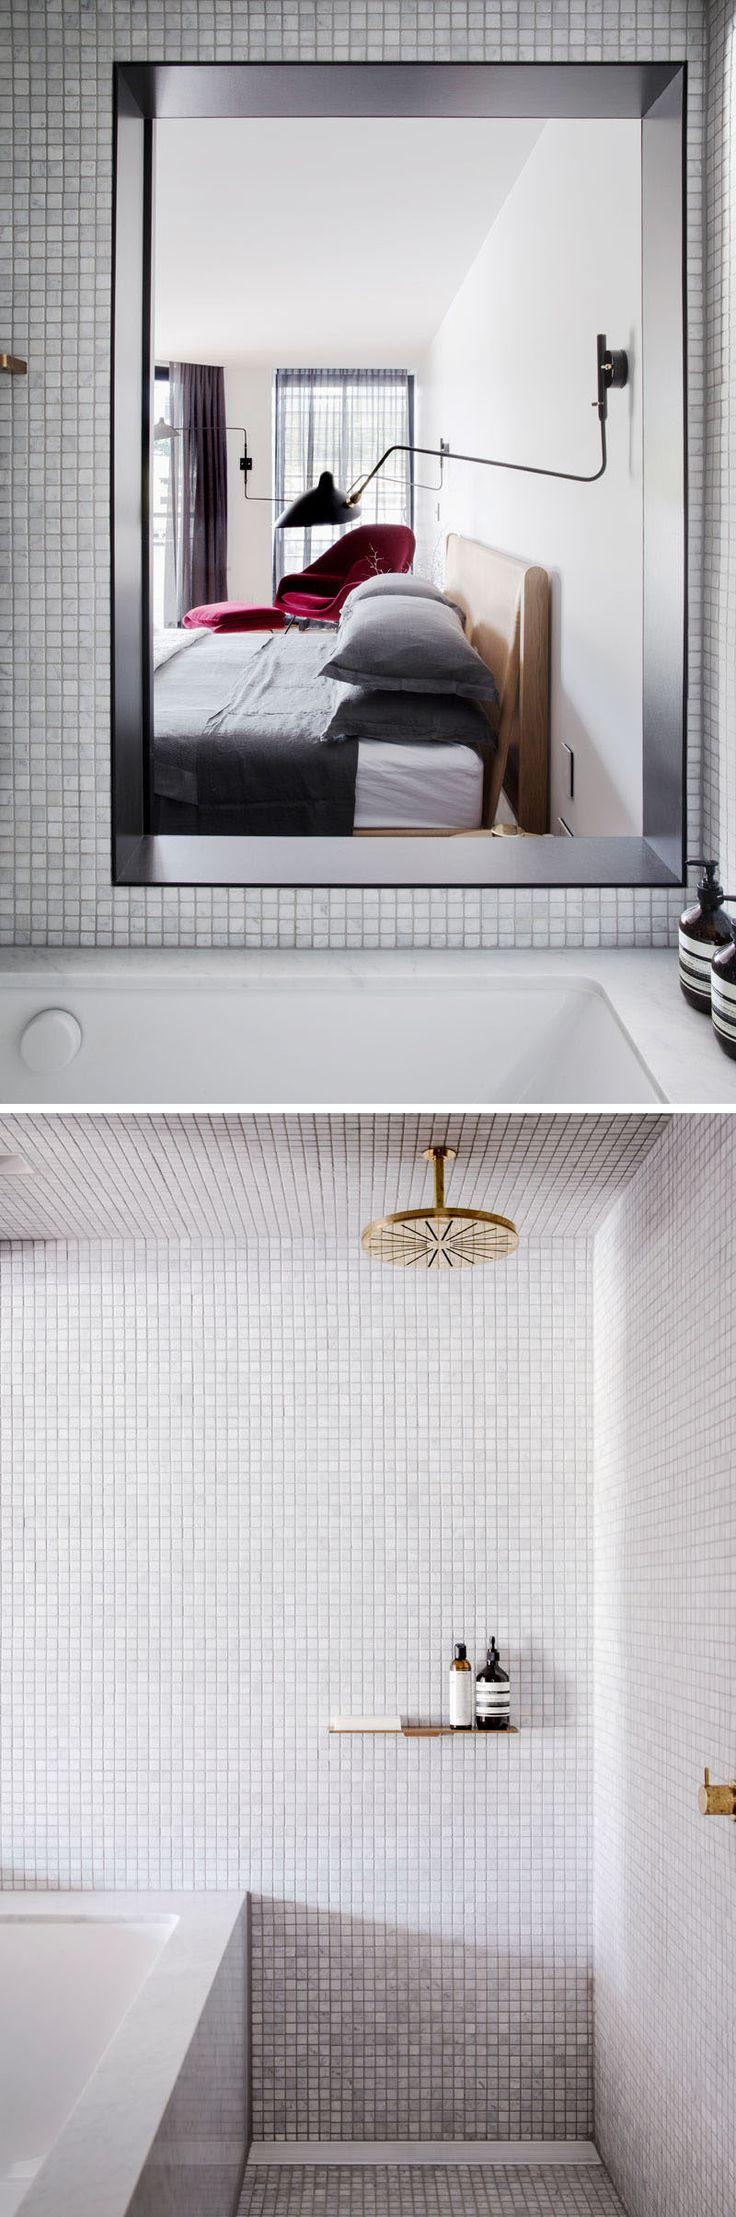 Эта современная ванная комната имеет частично открытую стену рядом с ванной, чтобы позволить естественный свет из спальни, чтобы заполнить пространство.  Светло-серые плитки и аппаратные золота были использованы, чтобы сохранить пространство ярким.